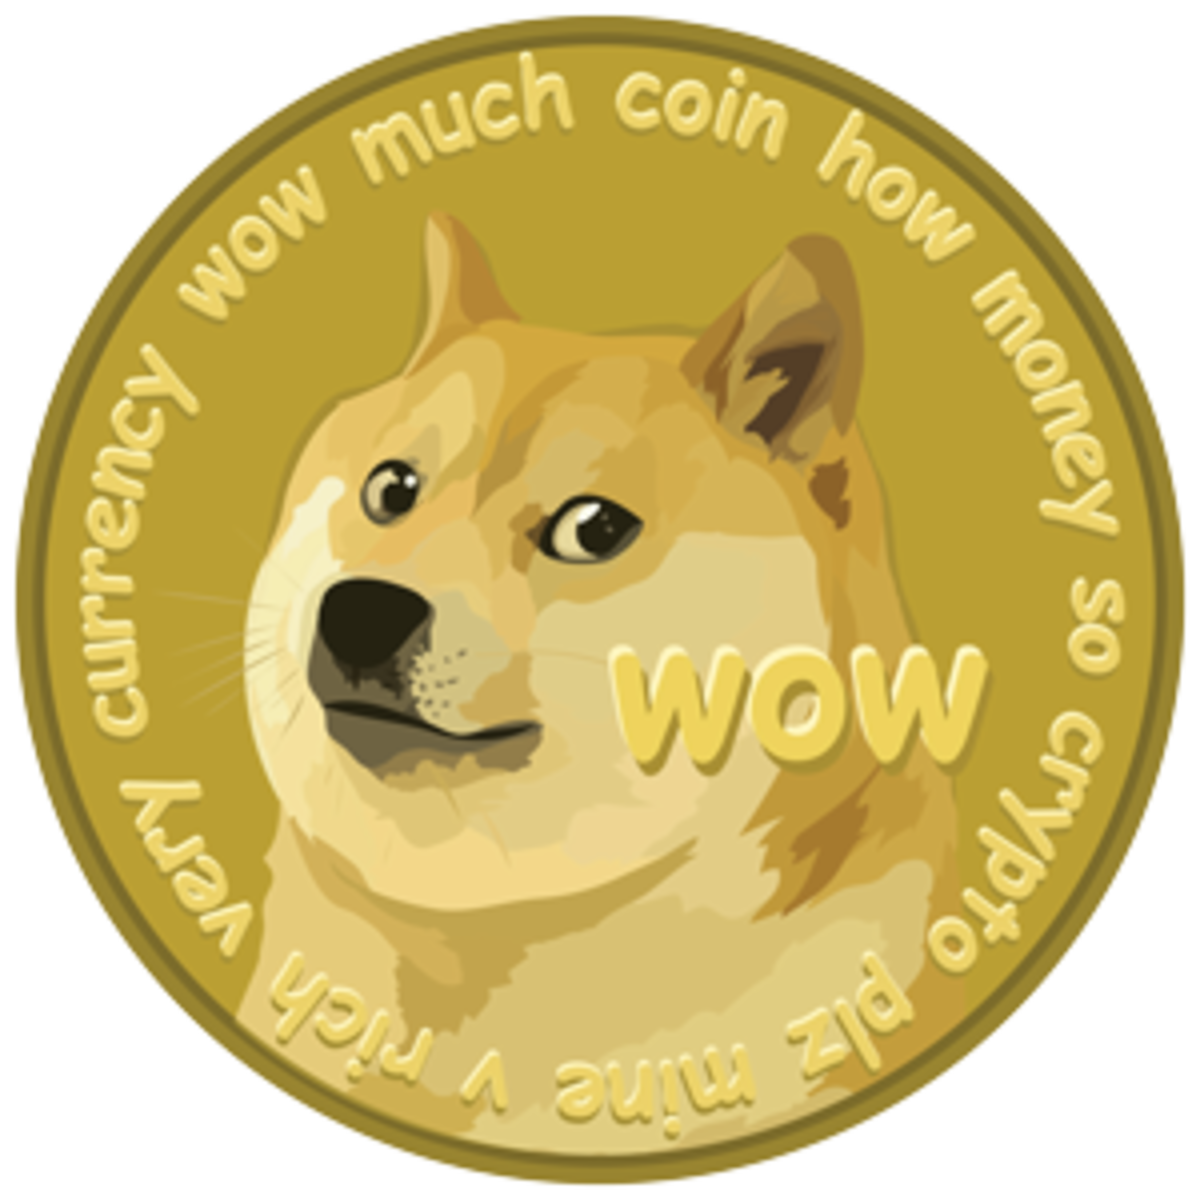 The alternate design for Dogecoin.